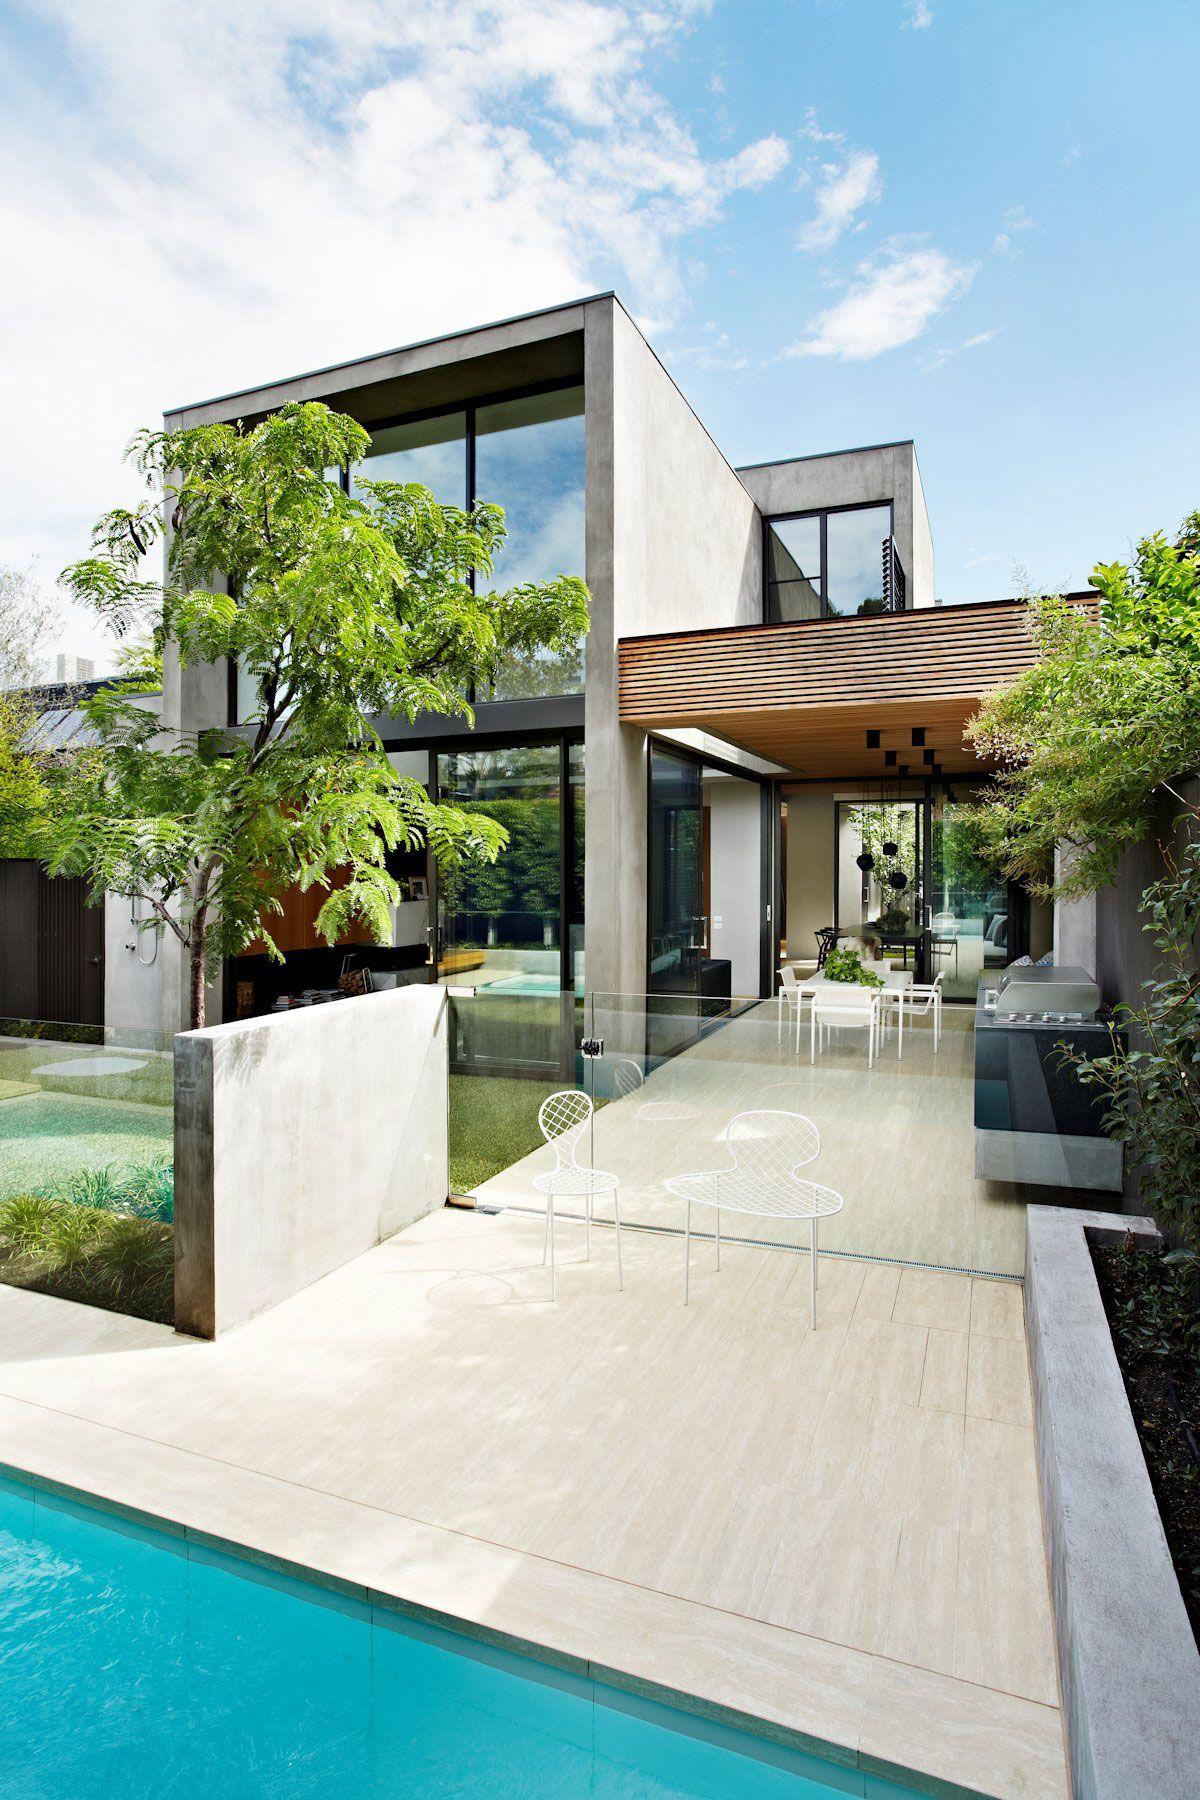 дом с необычным фасадом